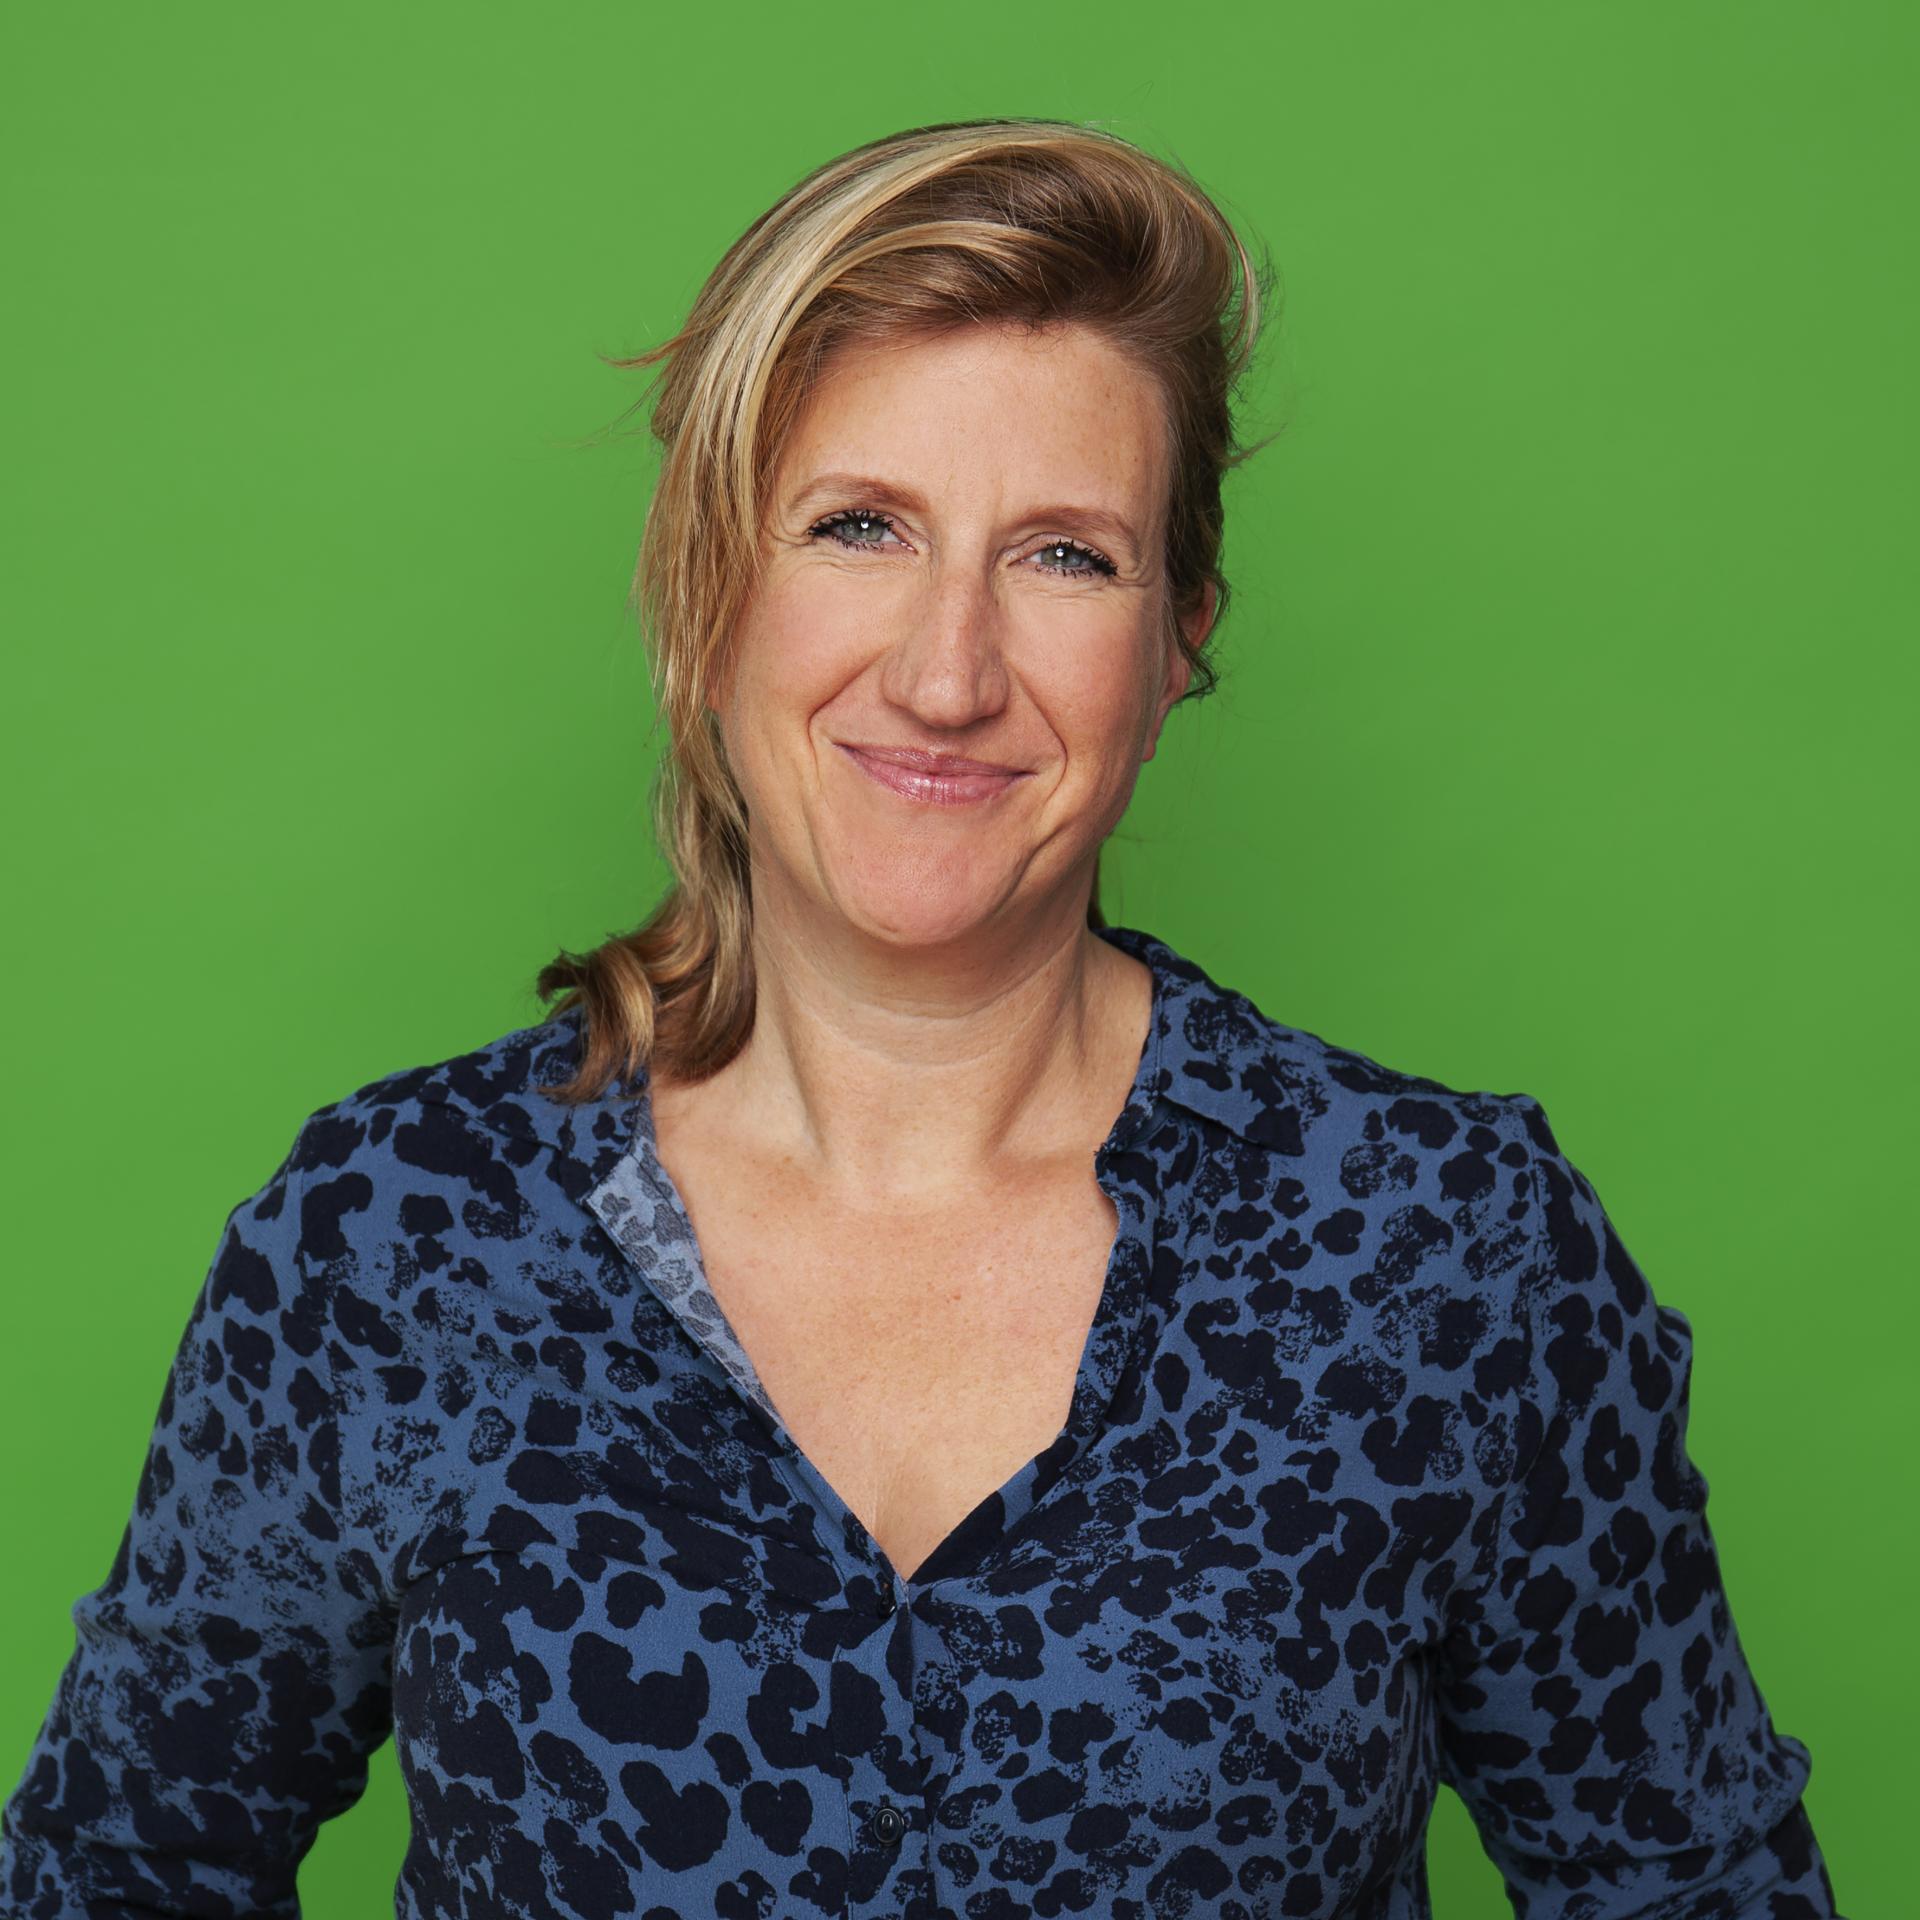 Tatiana van Lier